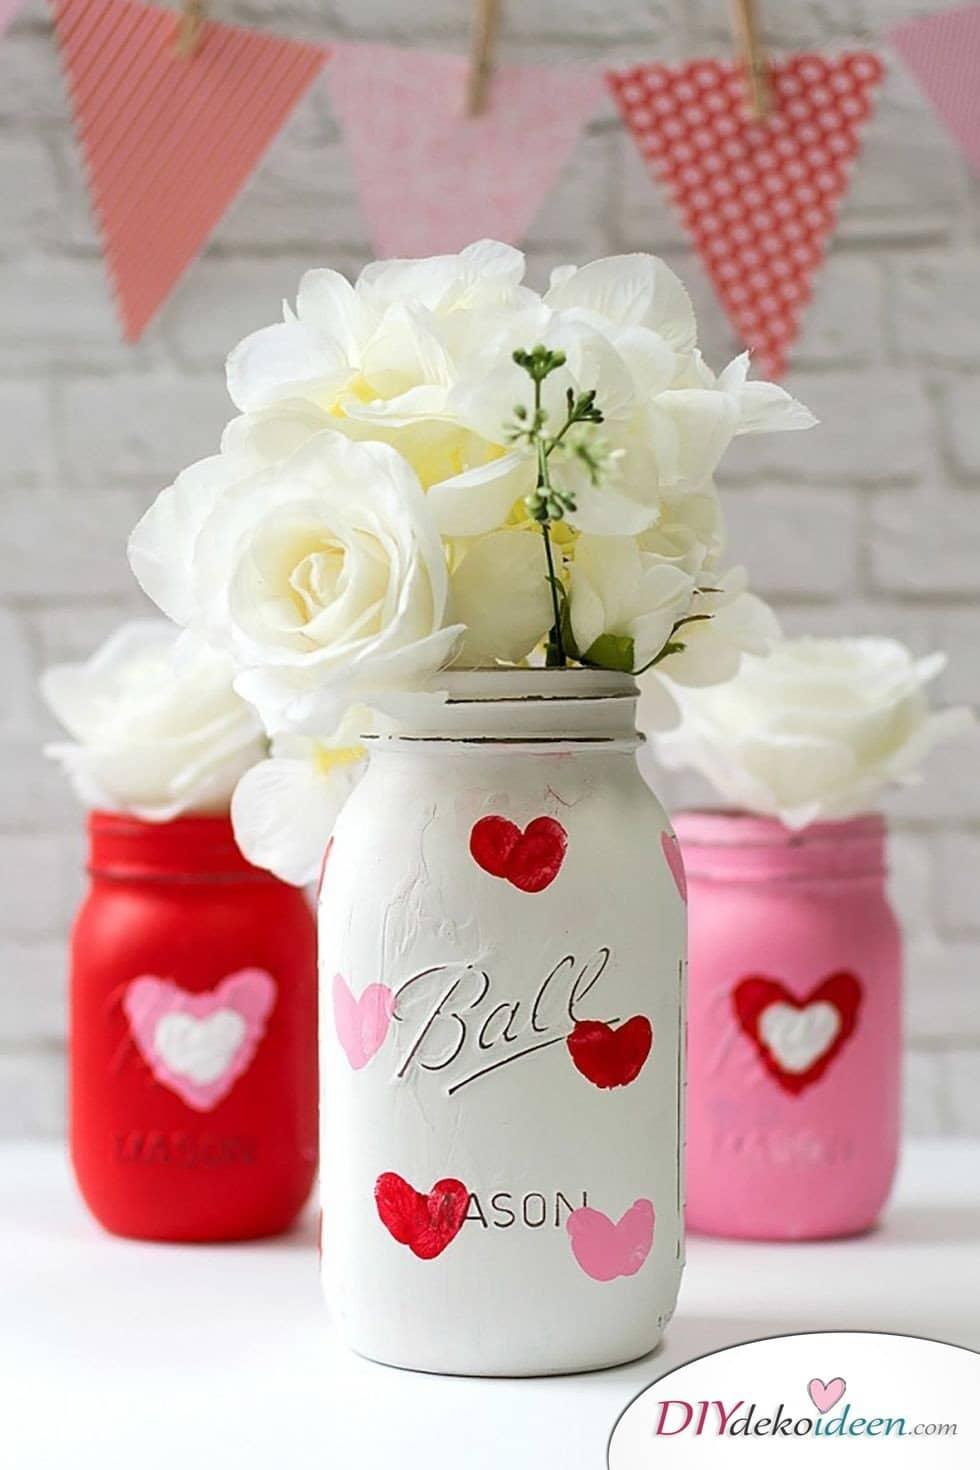 DIY Vase basteln, Valentinstag Tischdeko, Valentinstag, Tischdeko, , Valentinstag Deko Ideen, Deko Valentinstag, dekorieren, DIY Dekoideen, Deko basteln, romantische Deko,